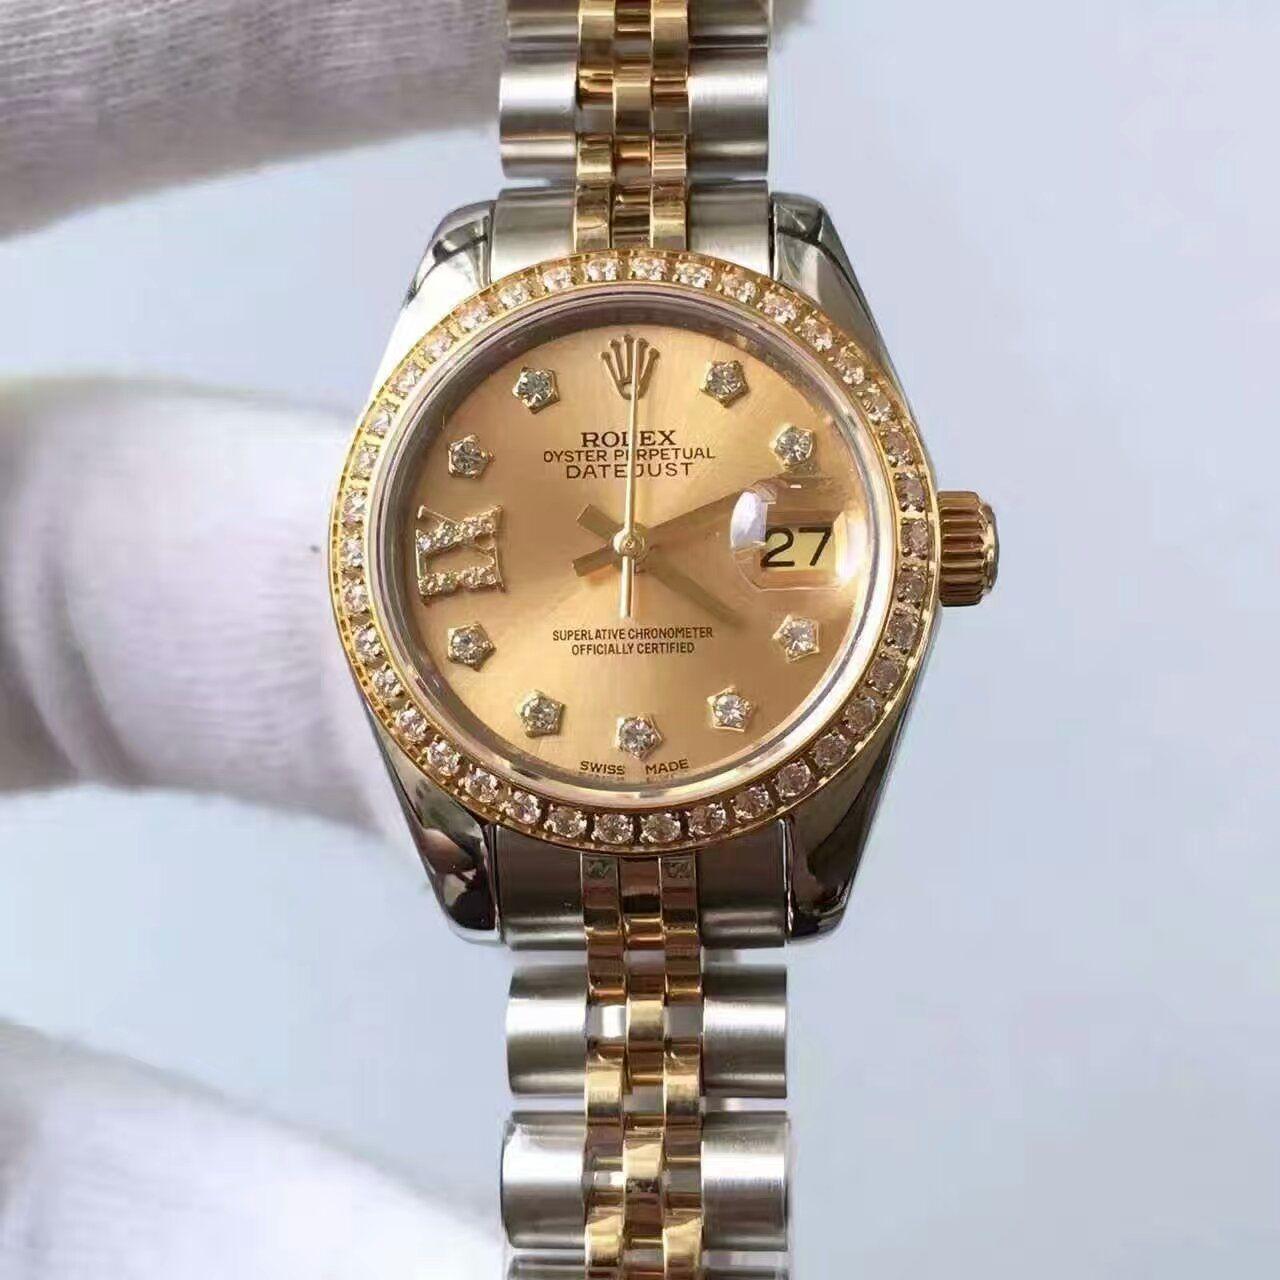 【台湾厂顶级复刻手表】劳力士女装日志型系列279383RBR香槟色表盘女士腕表